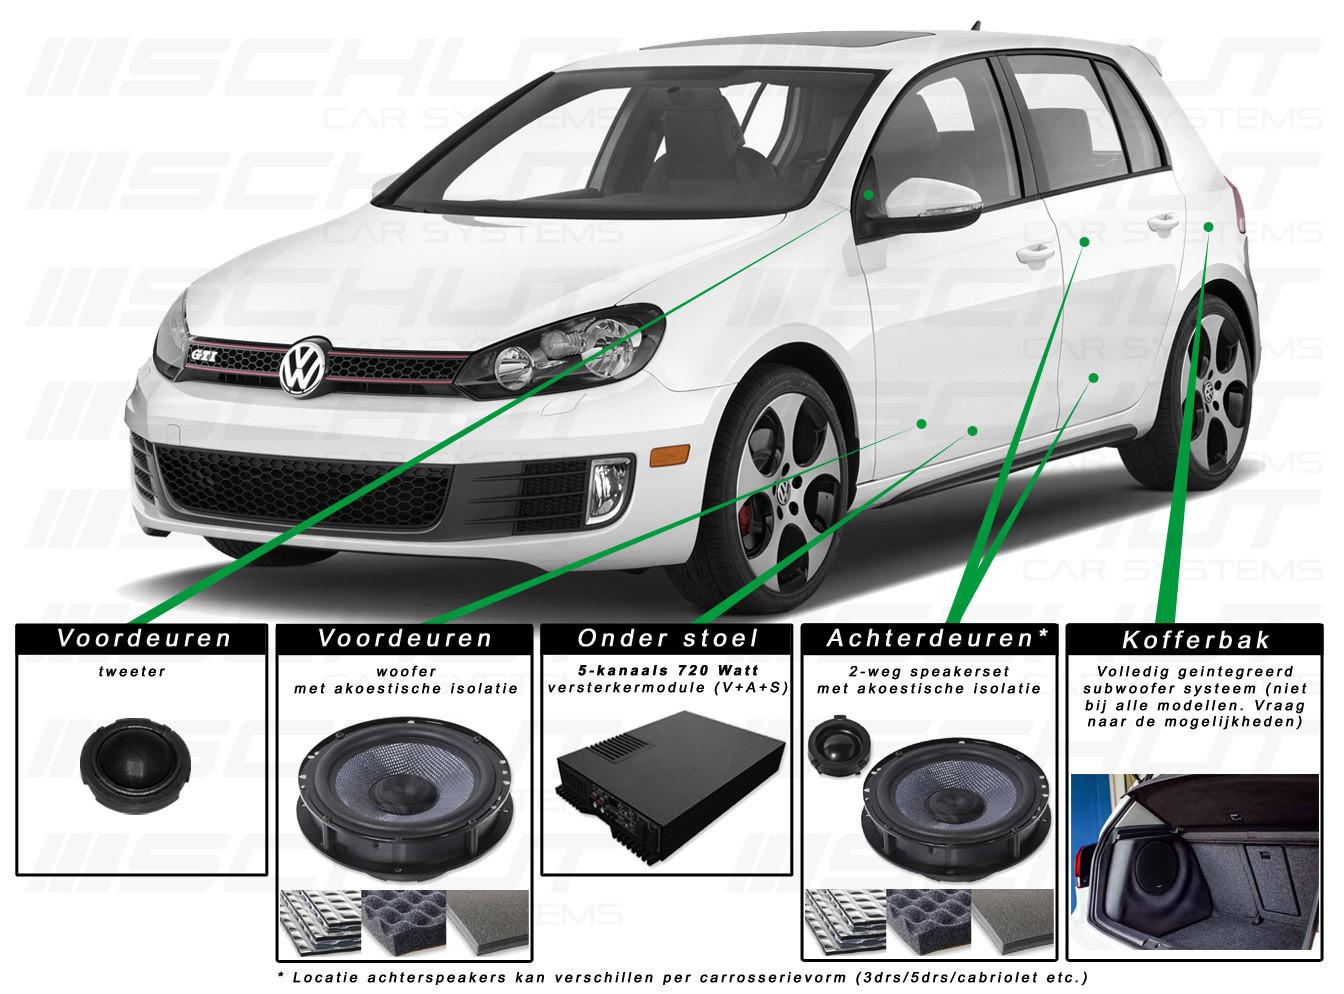 vw golf 6 audio upgrade meer dan alleen een speaker upgrade. Black Bedroom Furniture Sets. Home Design Ideas